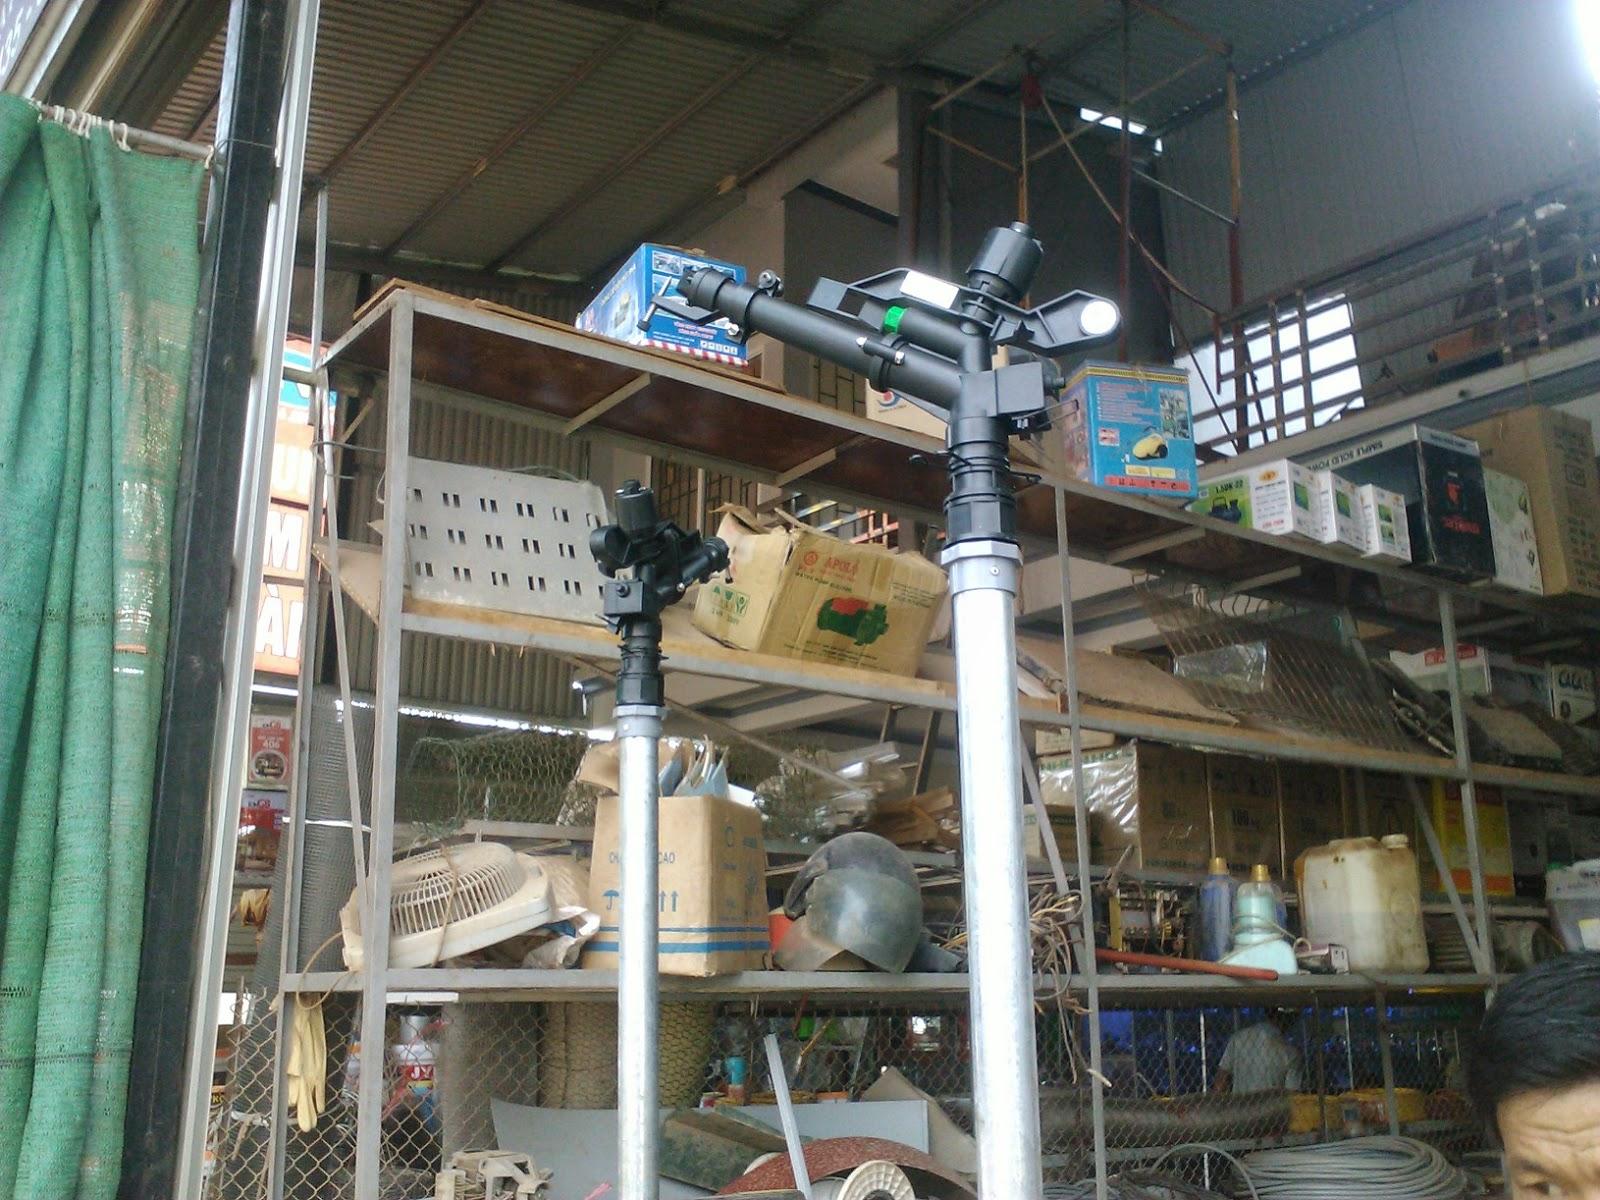 hệ thống tưới chè tự động ở Tân Cương